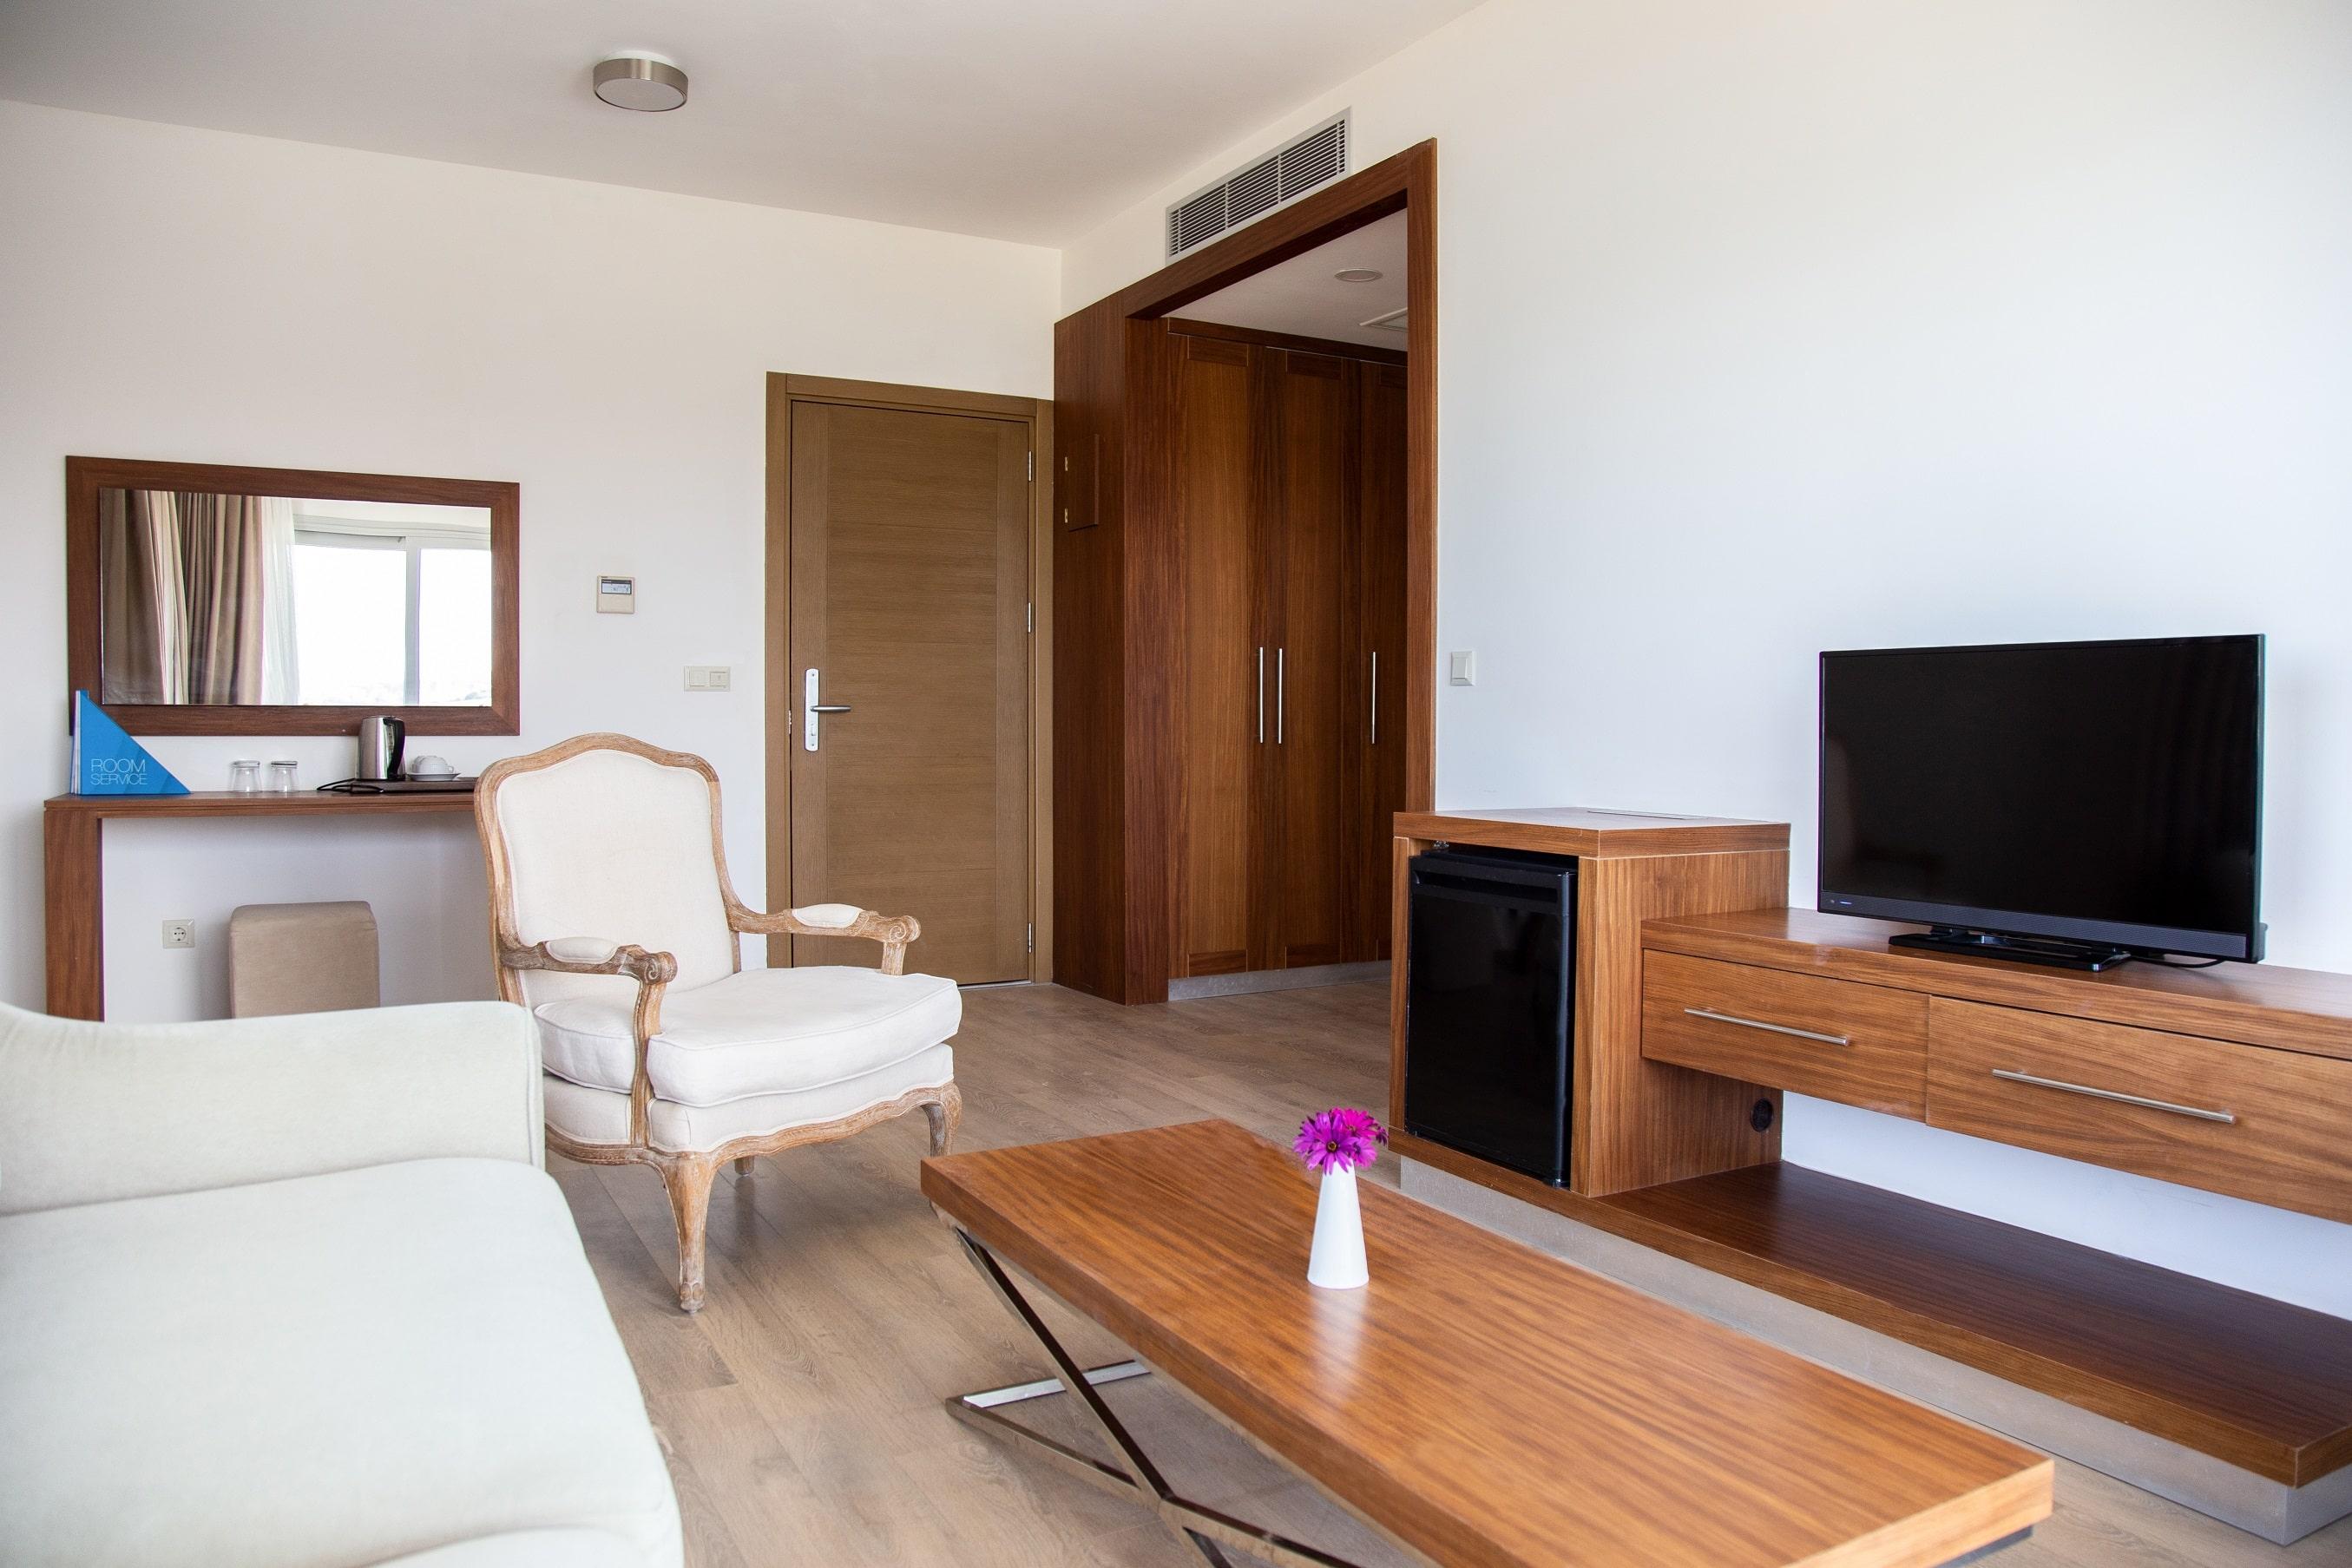 casa-de-playa-hotel-suit-oda-3